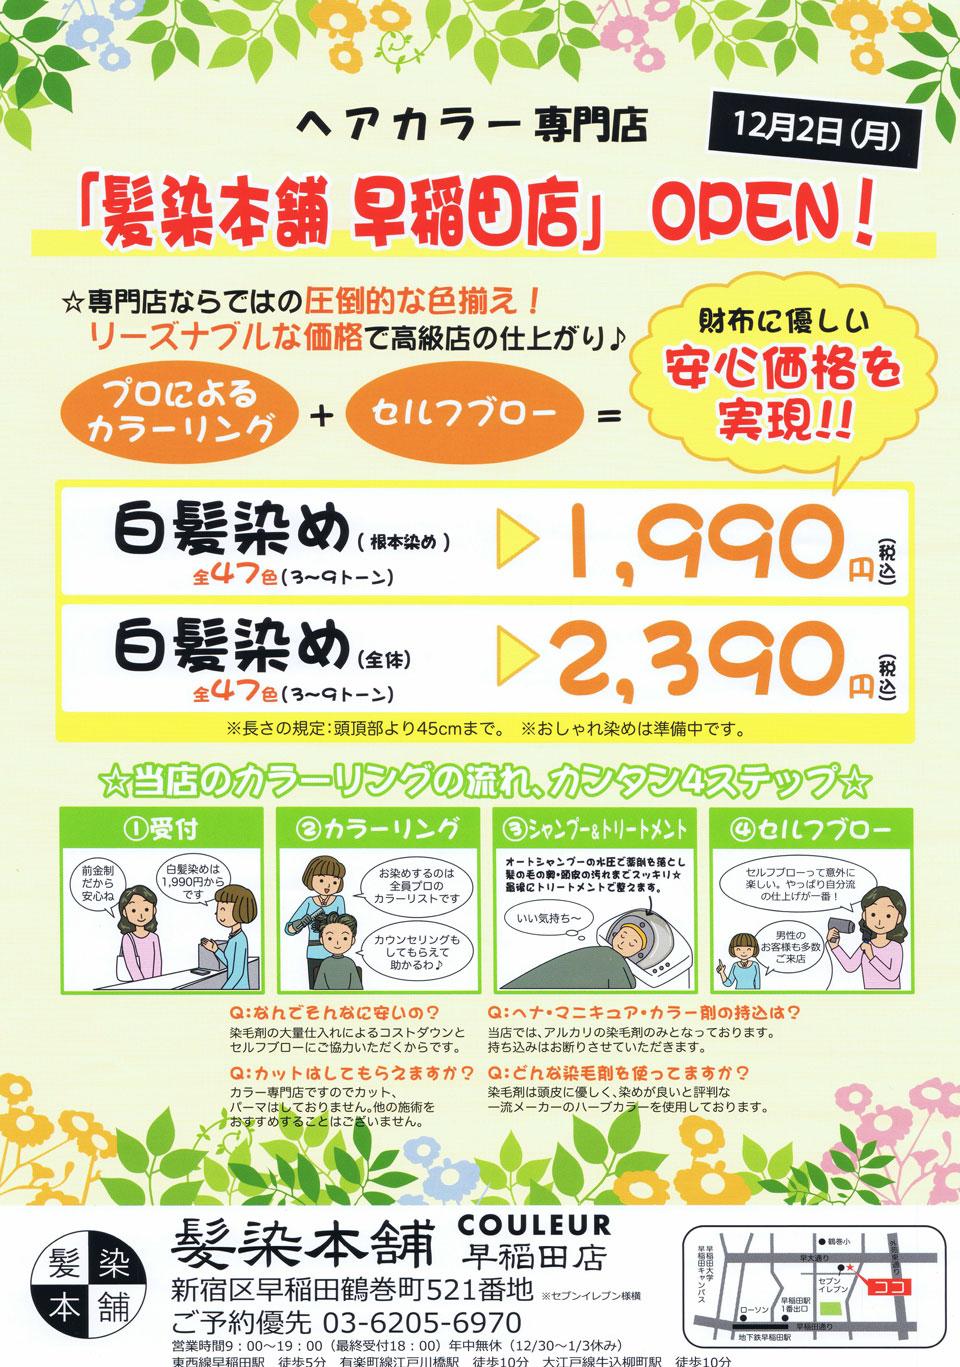 髪染本舗 早稲田店